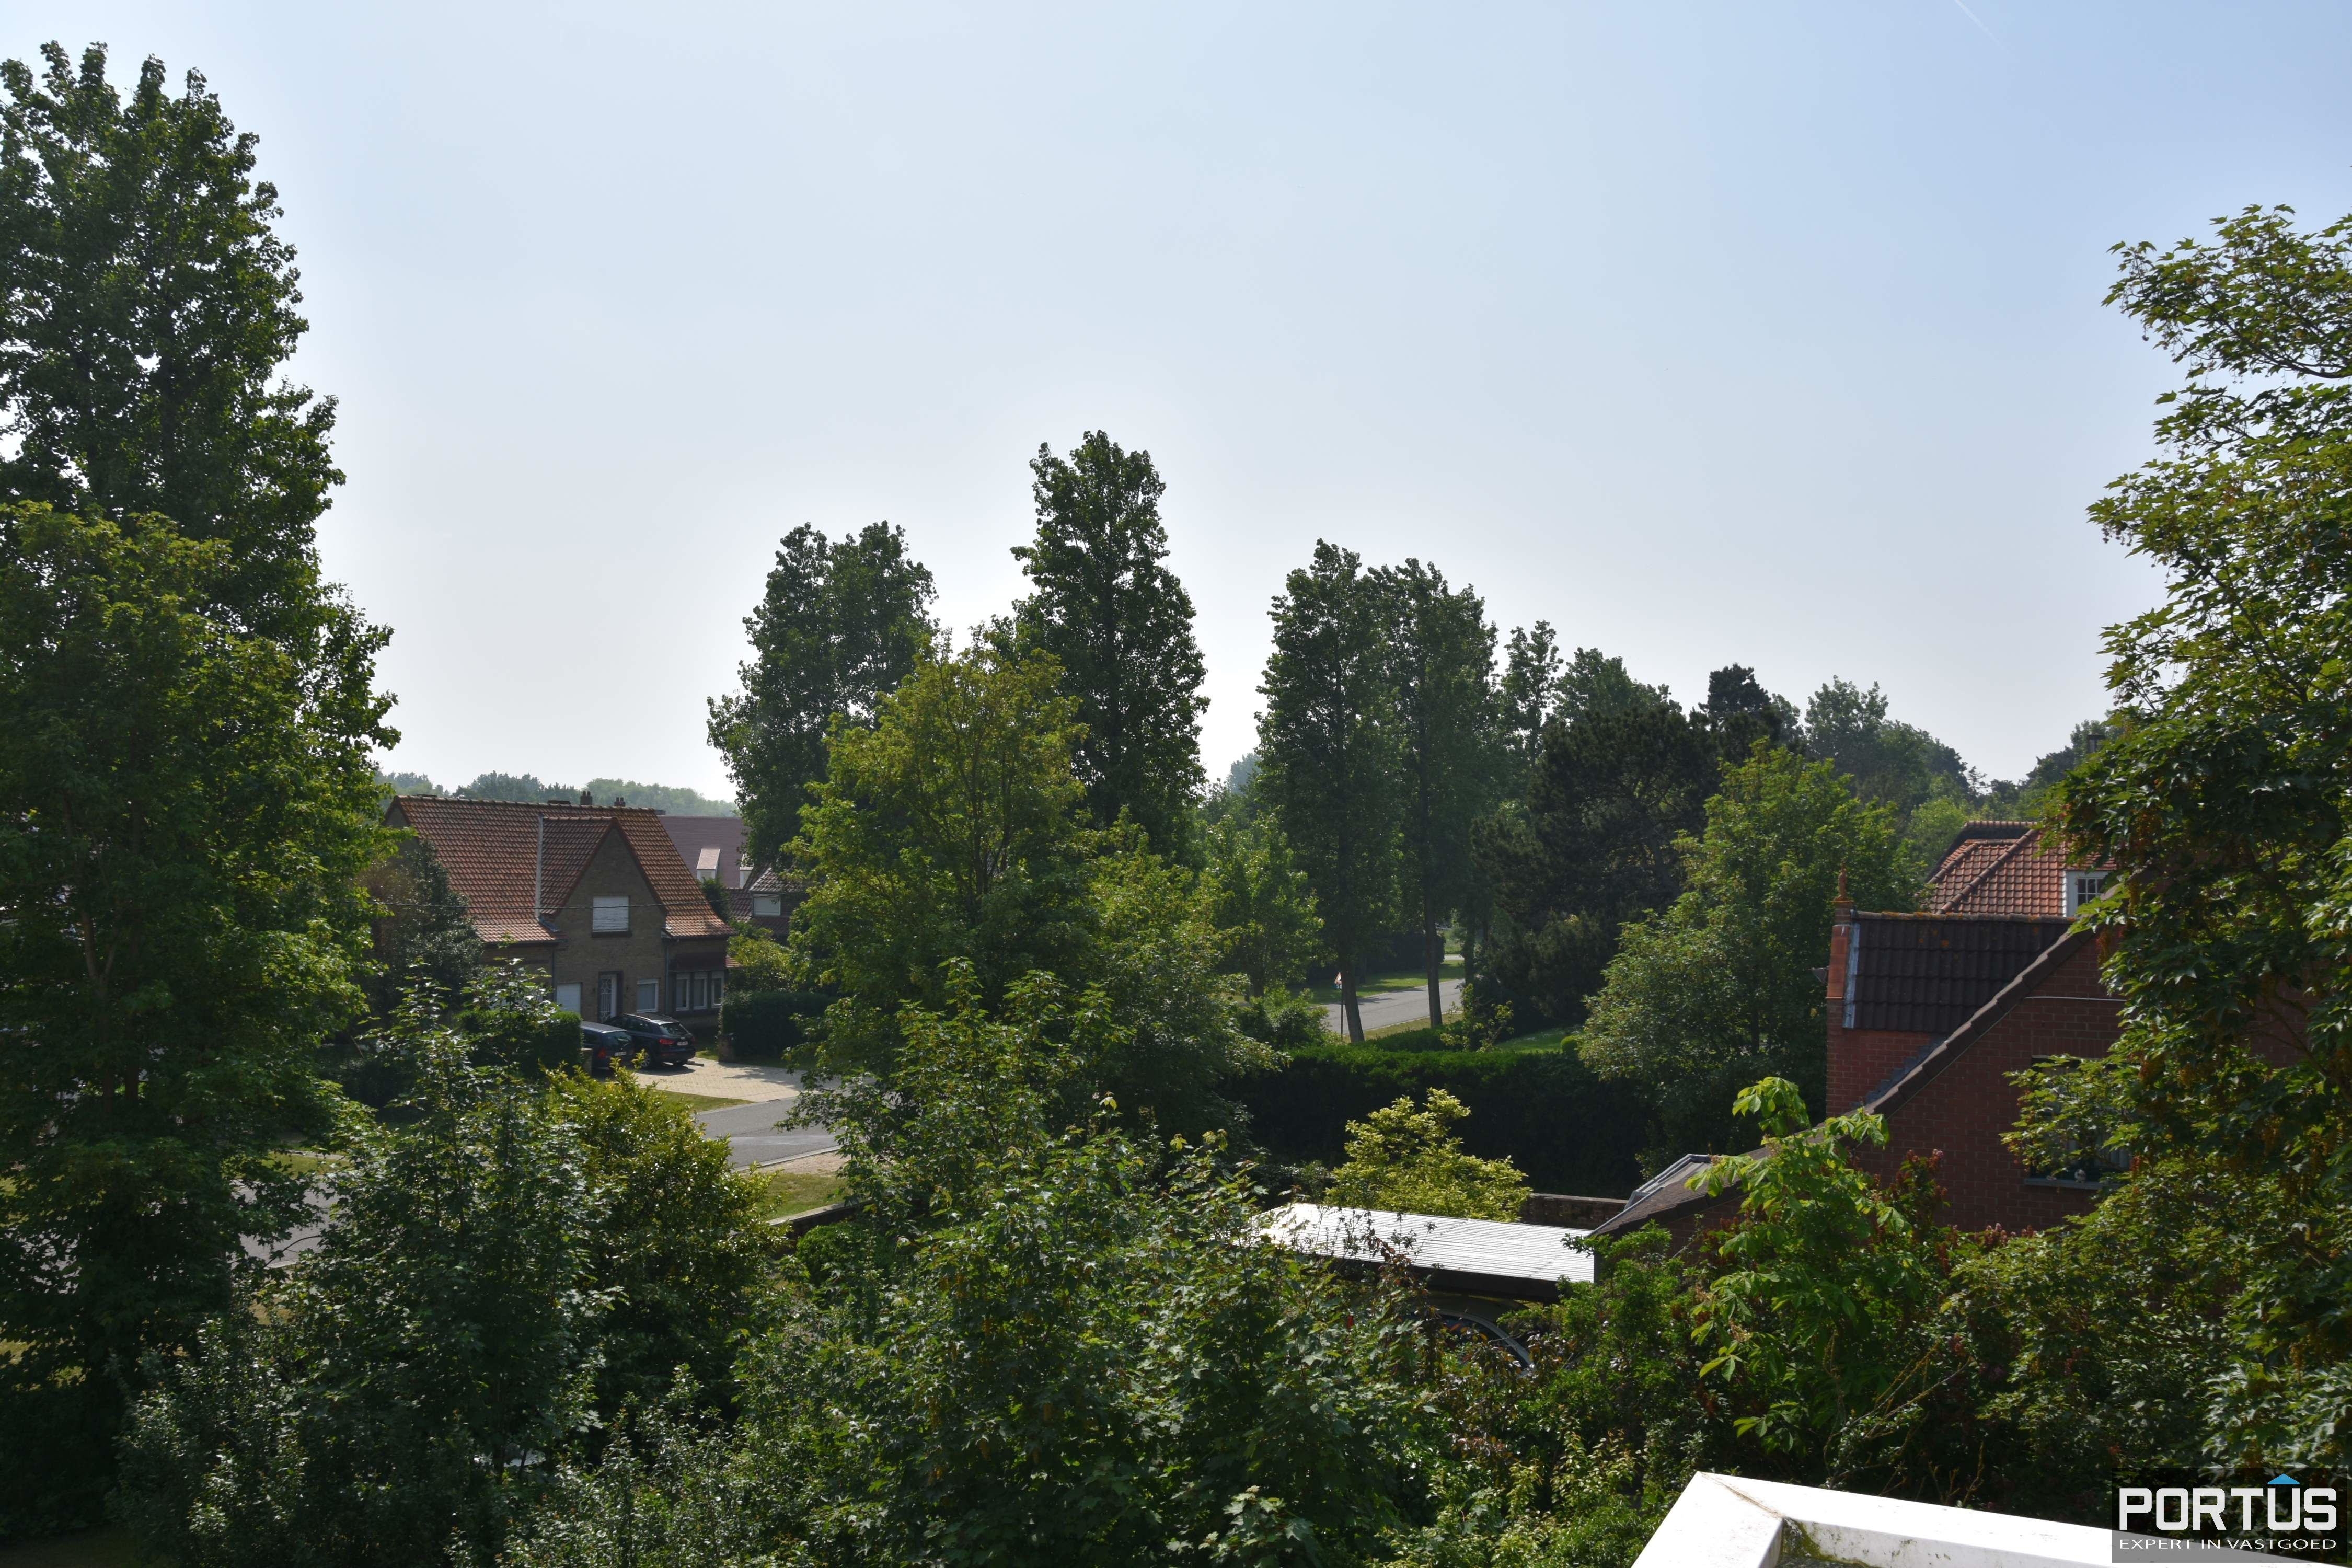 Appartement Residentie Villa Crombez Nieuwpoort - 8335